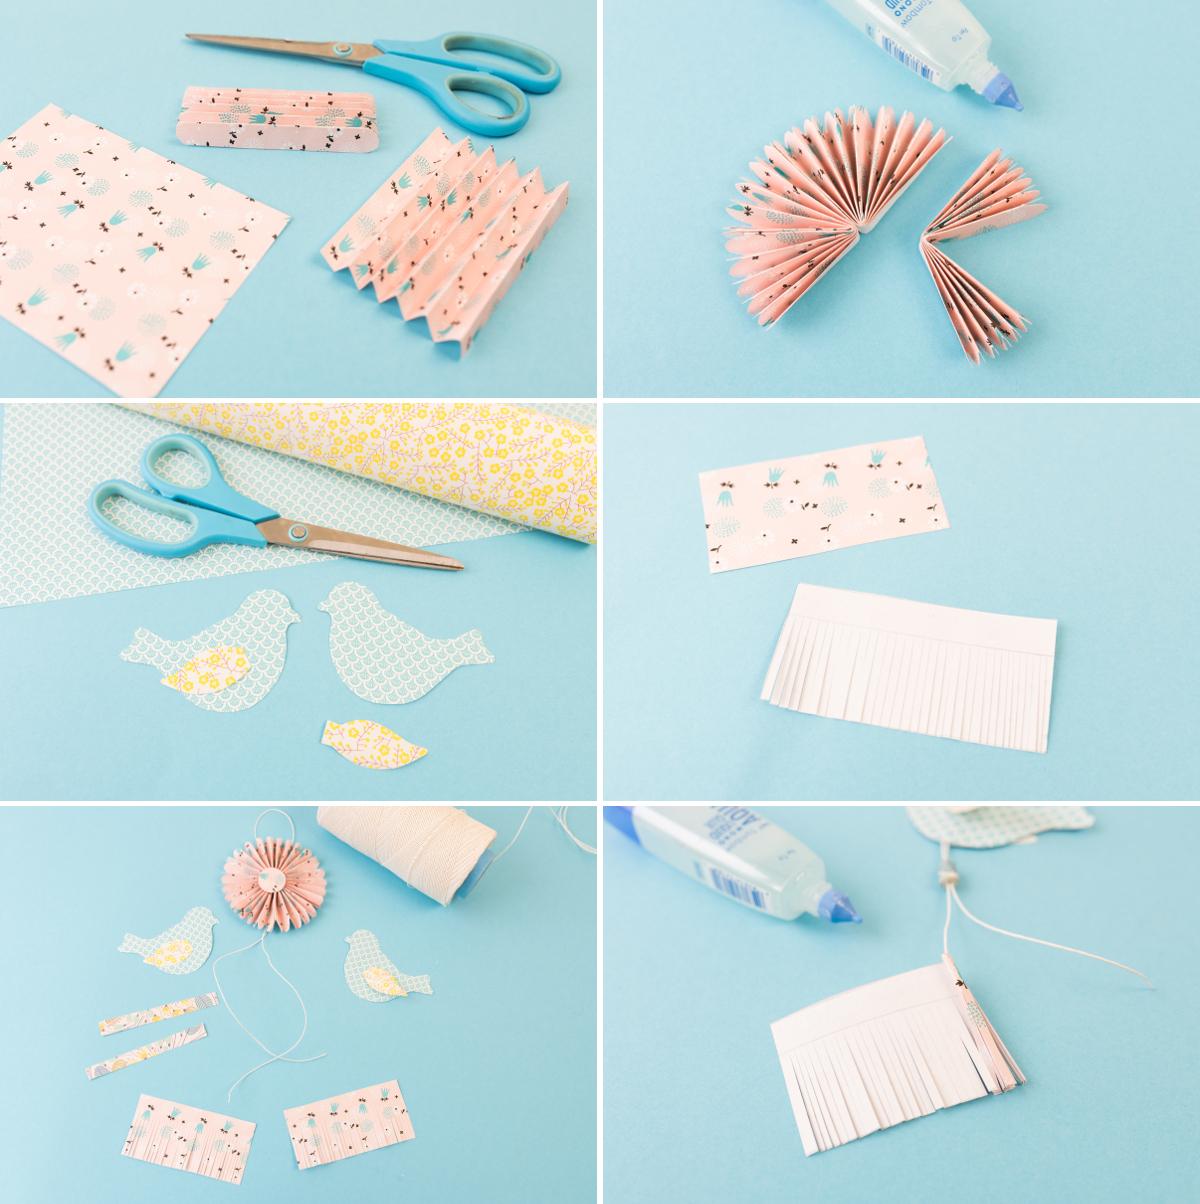 DIY - Vogelanhänger zum Aufhängen aus Papier als selbst gemachte Deko für den Frühling und für Ostern in bunten Farben